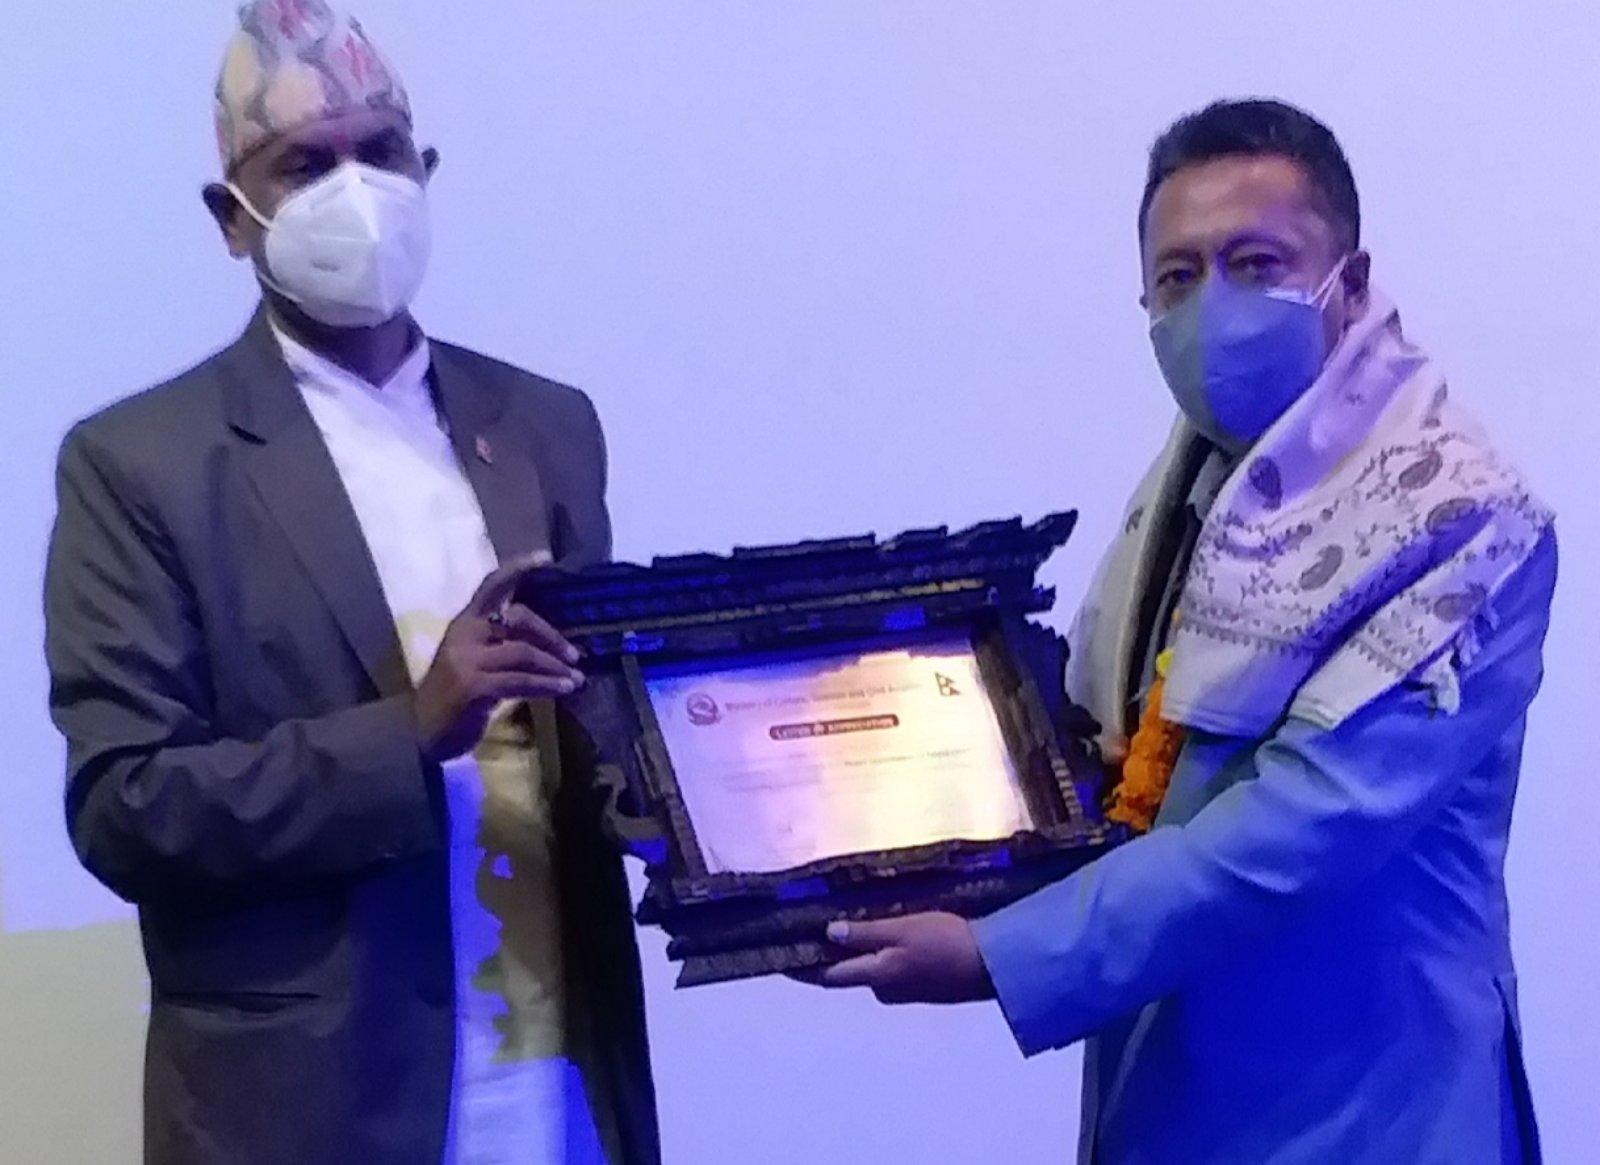 विश्व पर्यटन दिवसको अवसरमा होटल संघ नेपाल सम्मानित